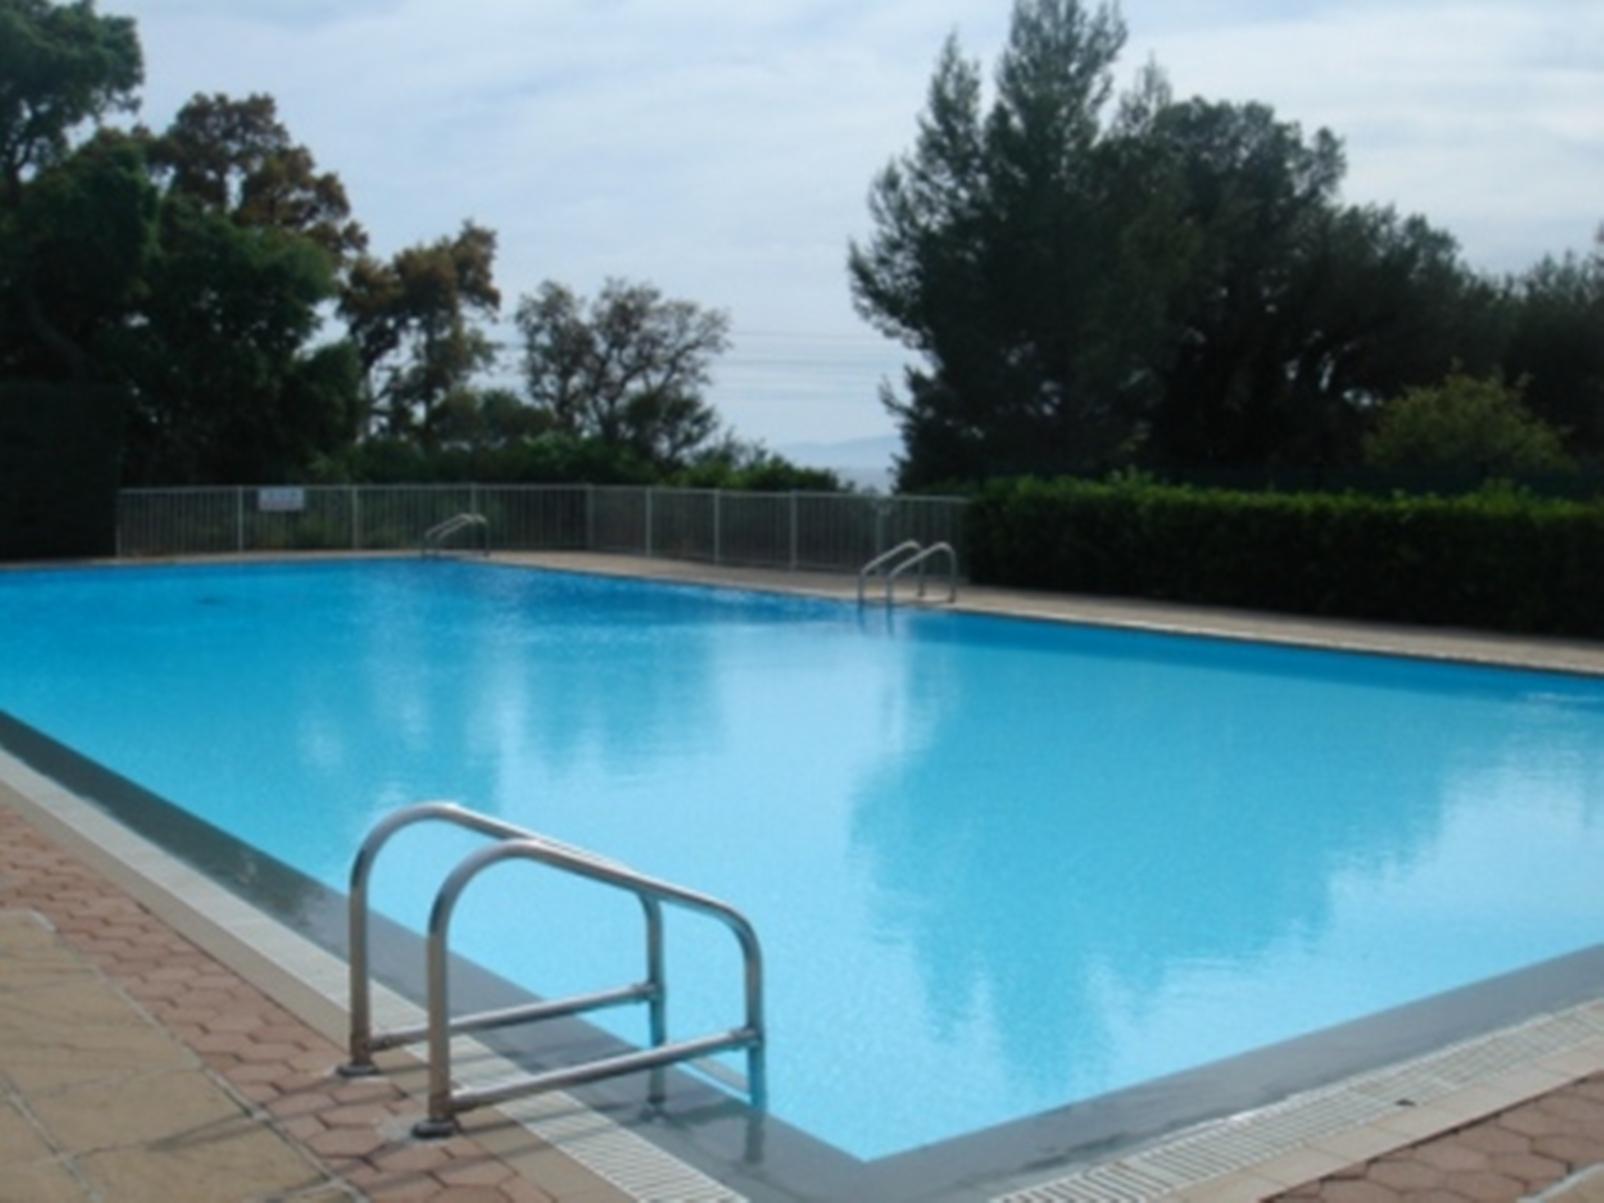 Location le boulouris panorama location vacances saint for Piscine saint raphael